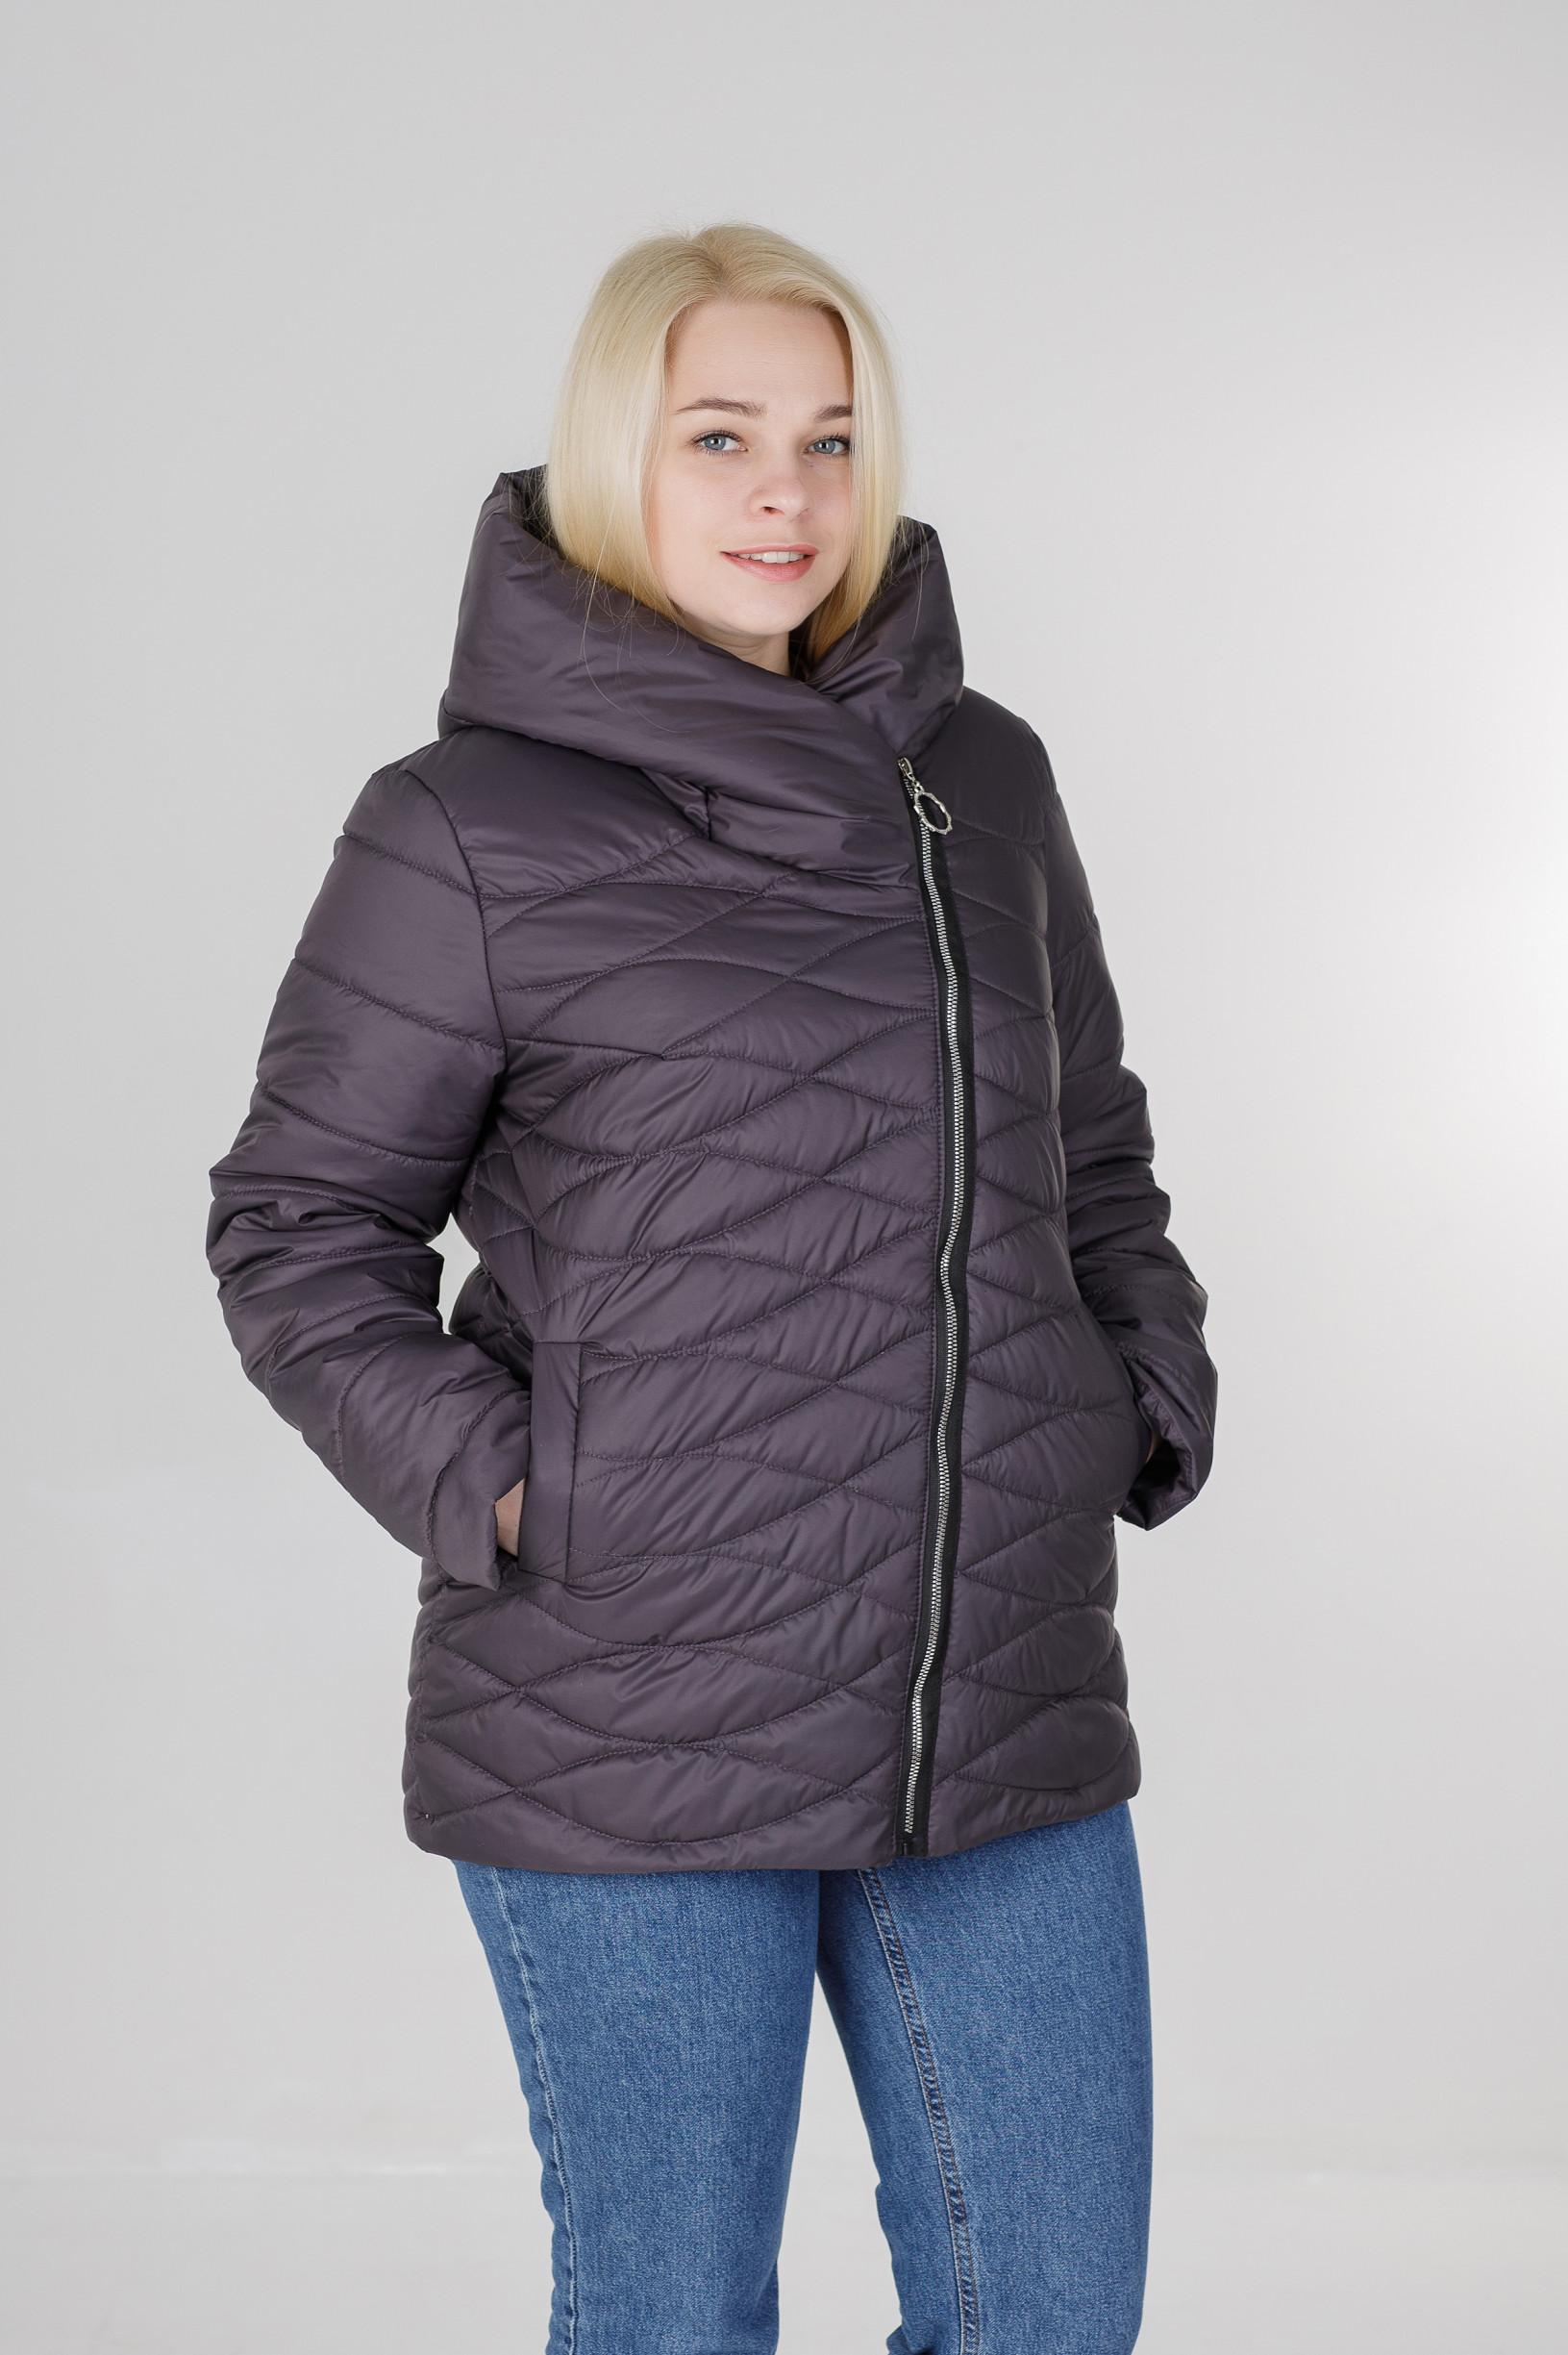 Ассиметричная весенняя женская куртка Надин графит